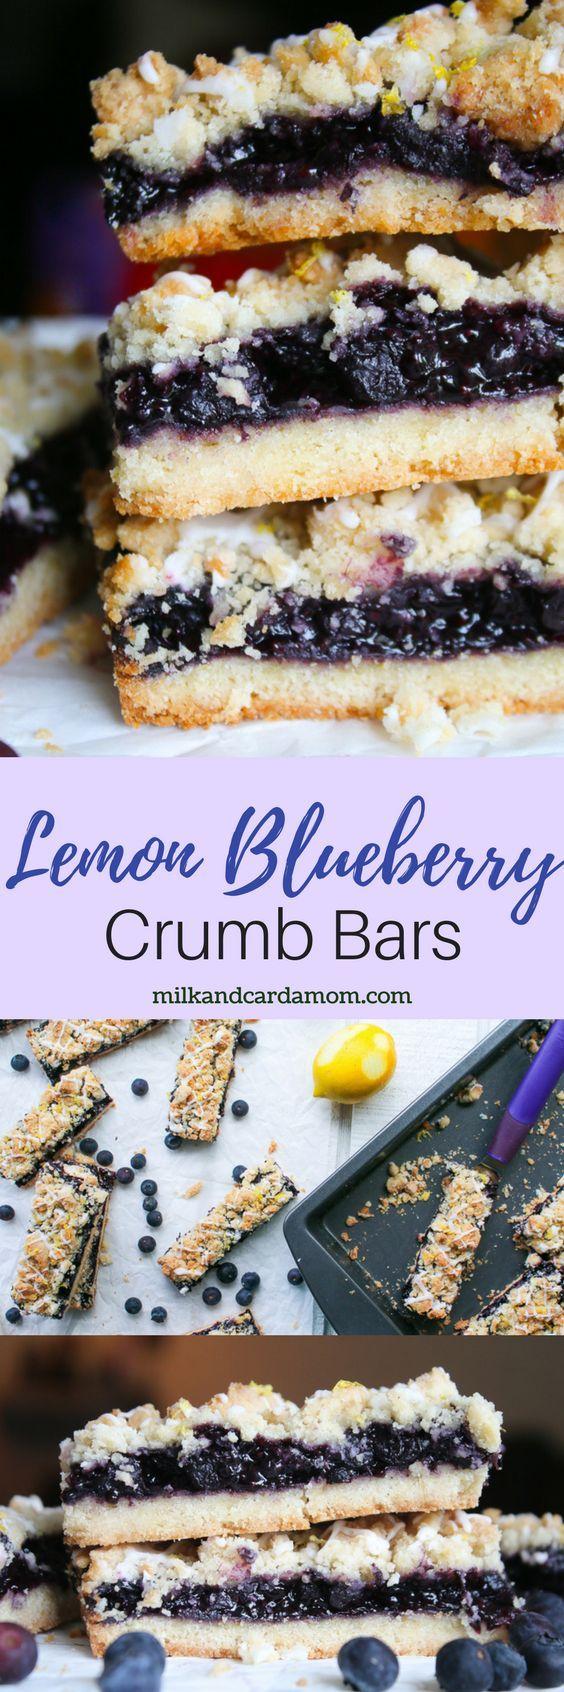 Blueberry Lemon Crumb Bars - made with blueberry chia jam! SO easy! #dessert #easyrecipe #recipe #blueberry